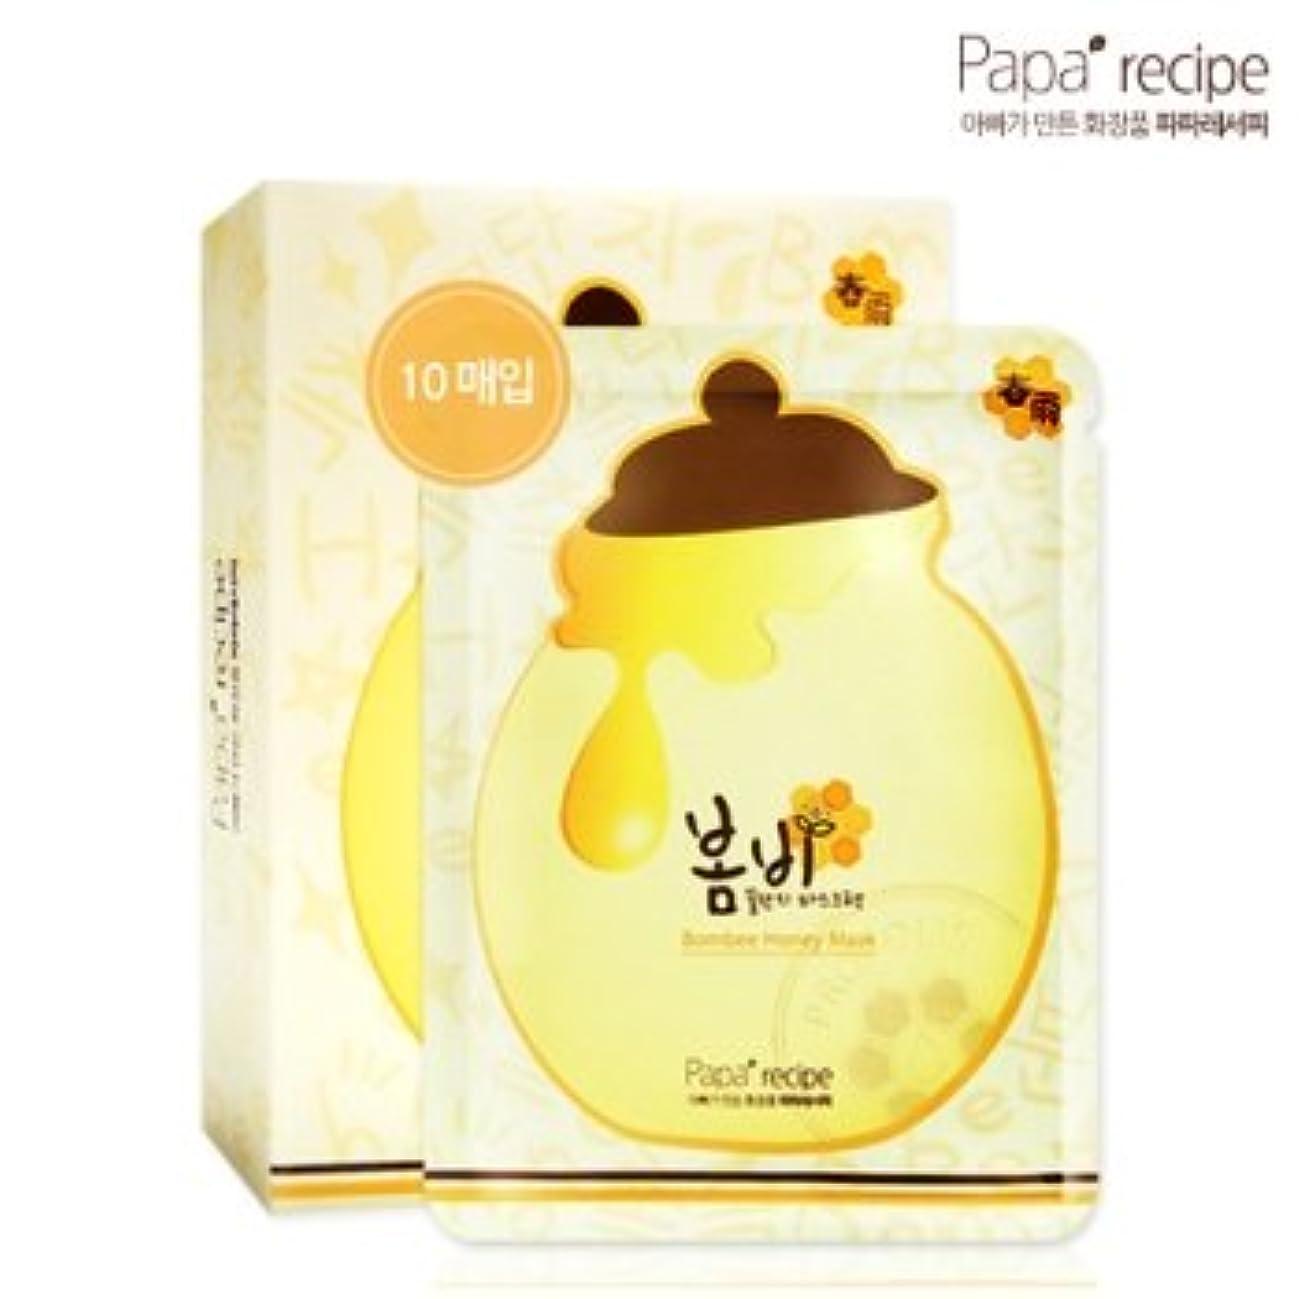 パパレシピ(Paparecipe) 春雨蜜ツボマスクシート10枚(Paparecipe Bombee Honey Mask Sheet 10ea)[並行輸入品]